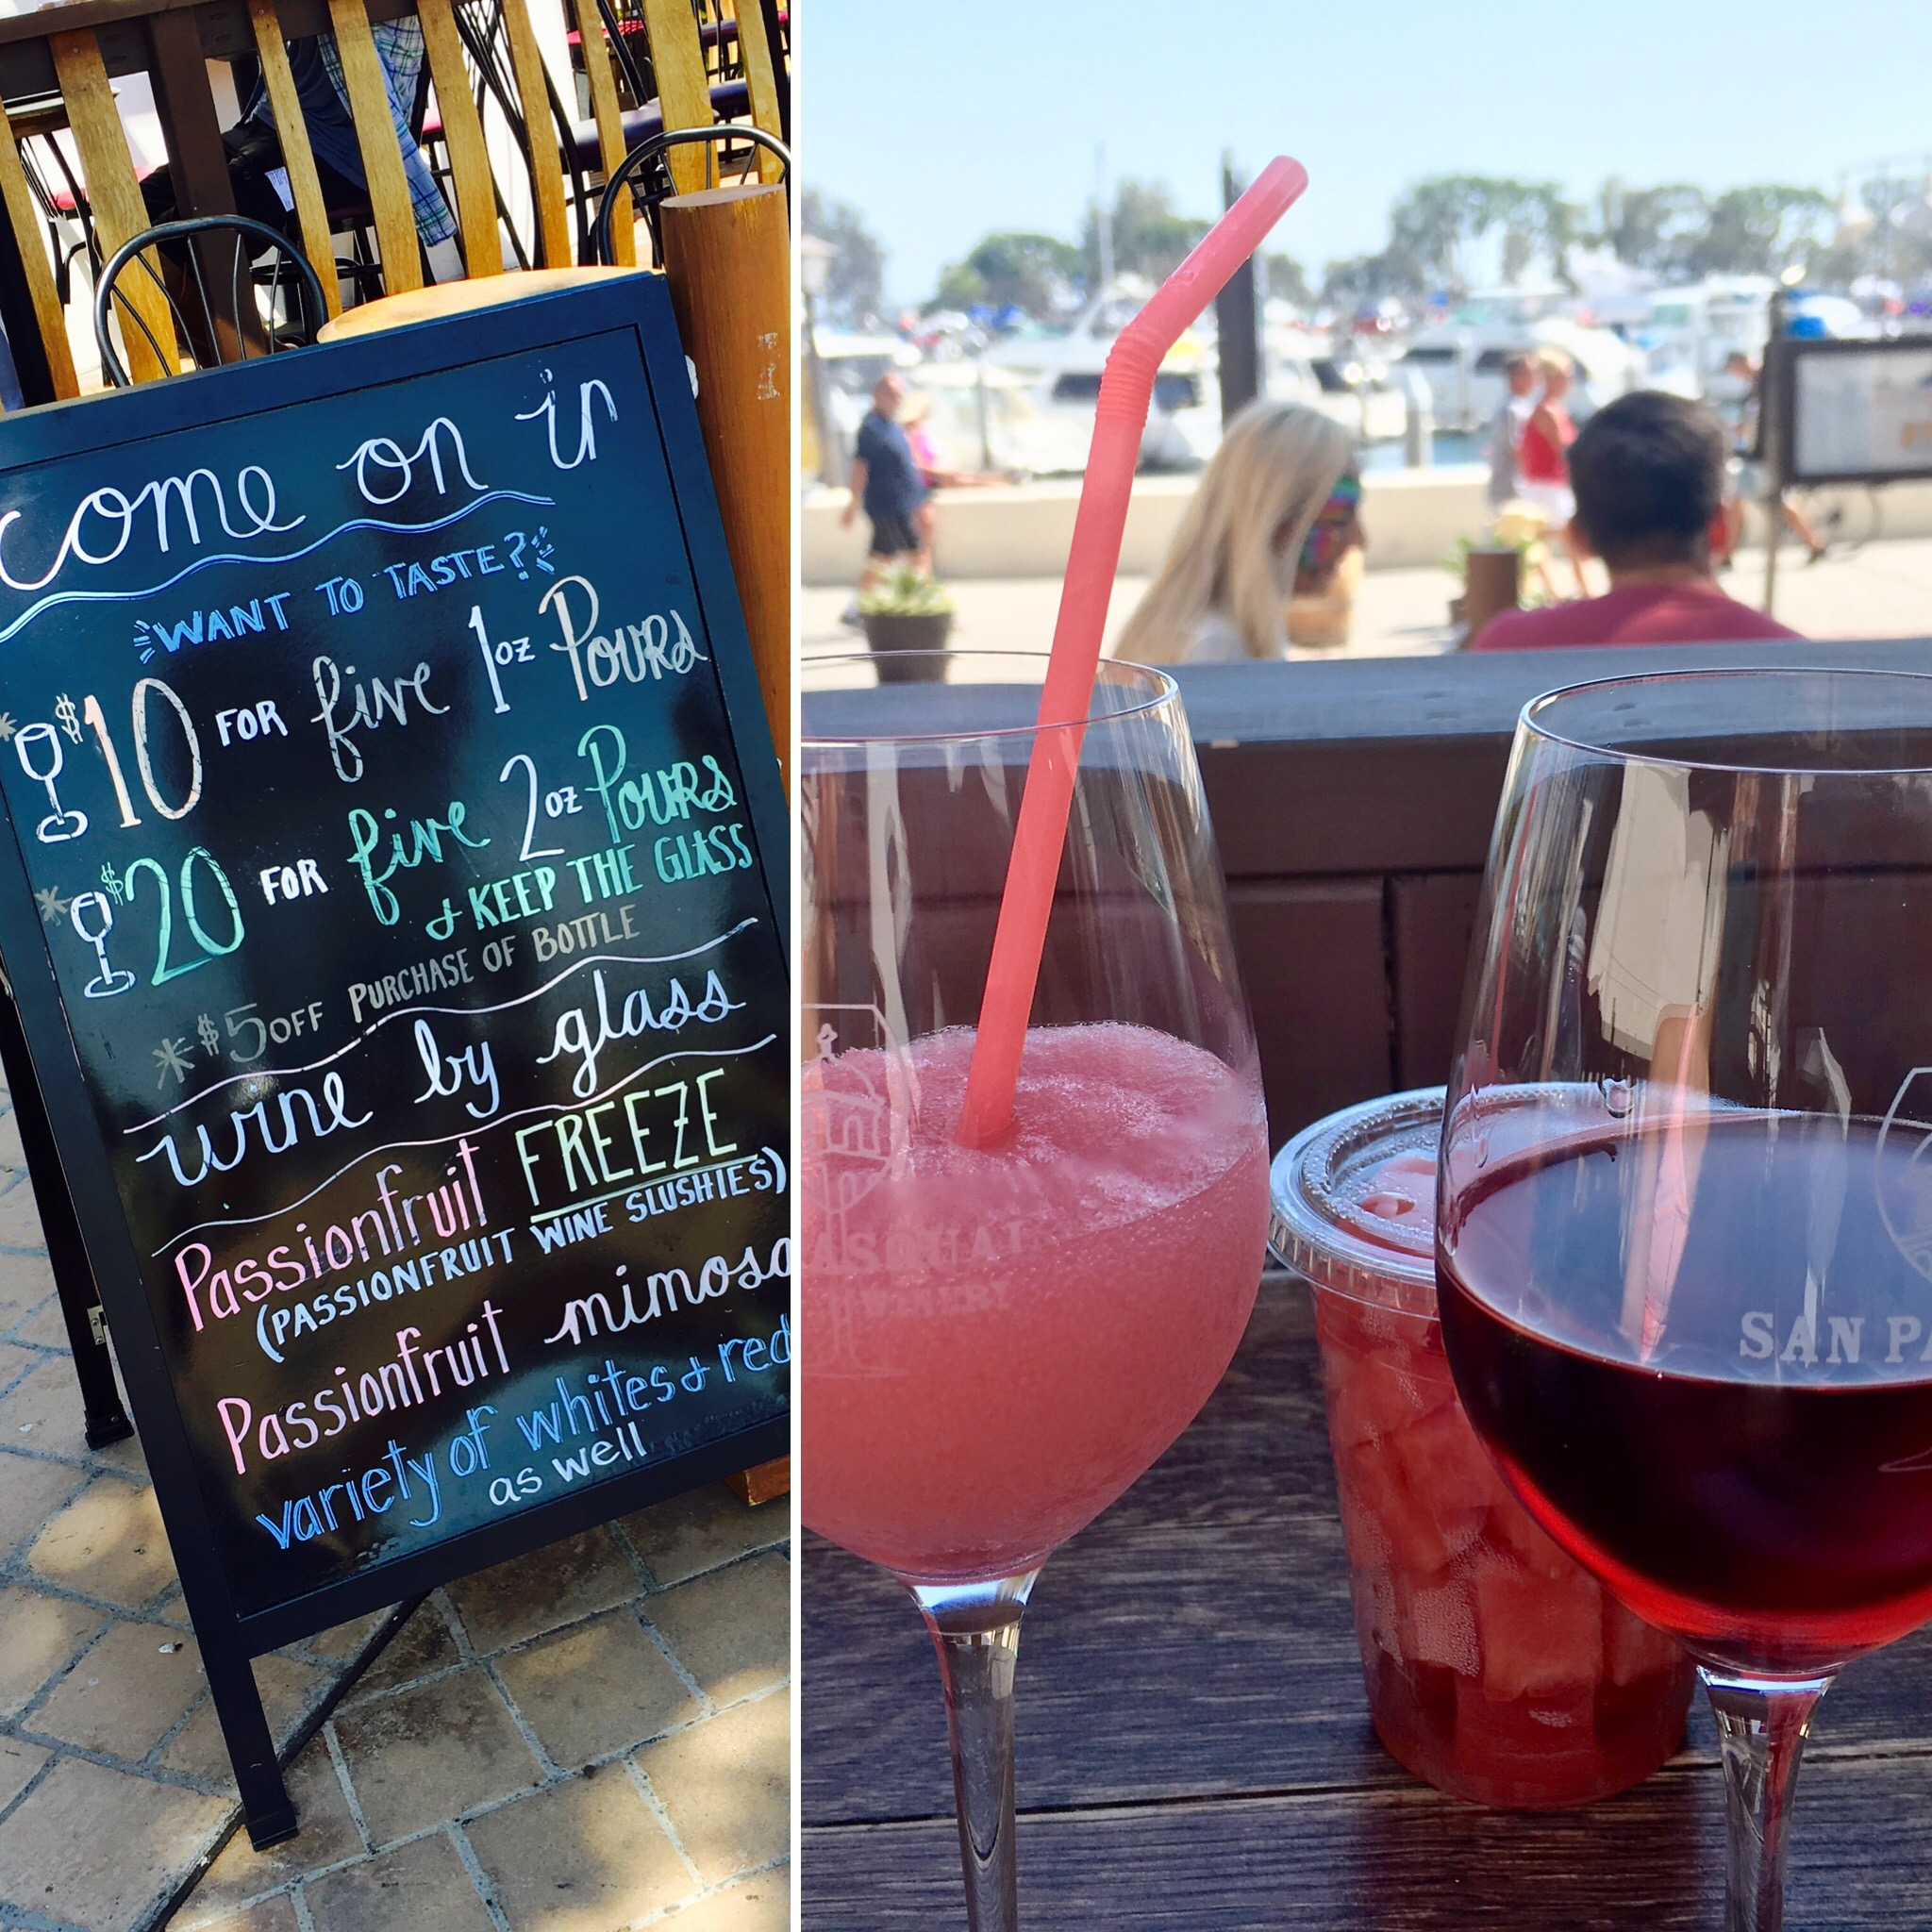 San Pasqual Wine Tasting Room wine slushie